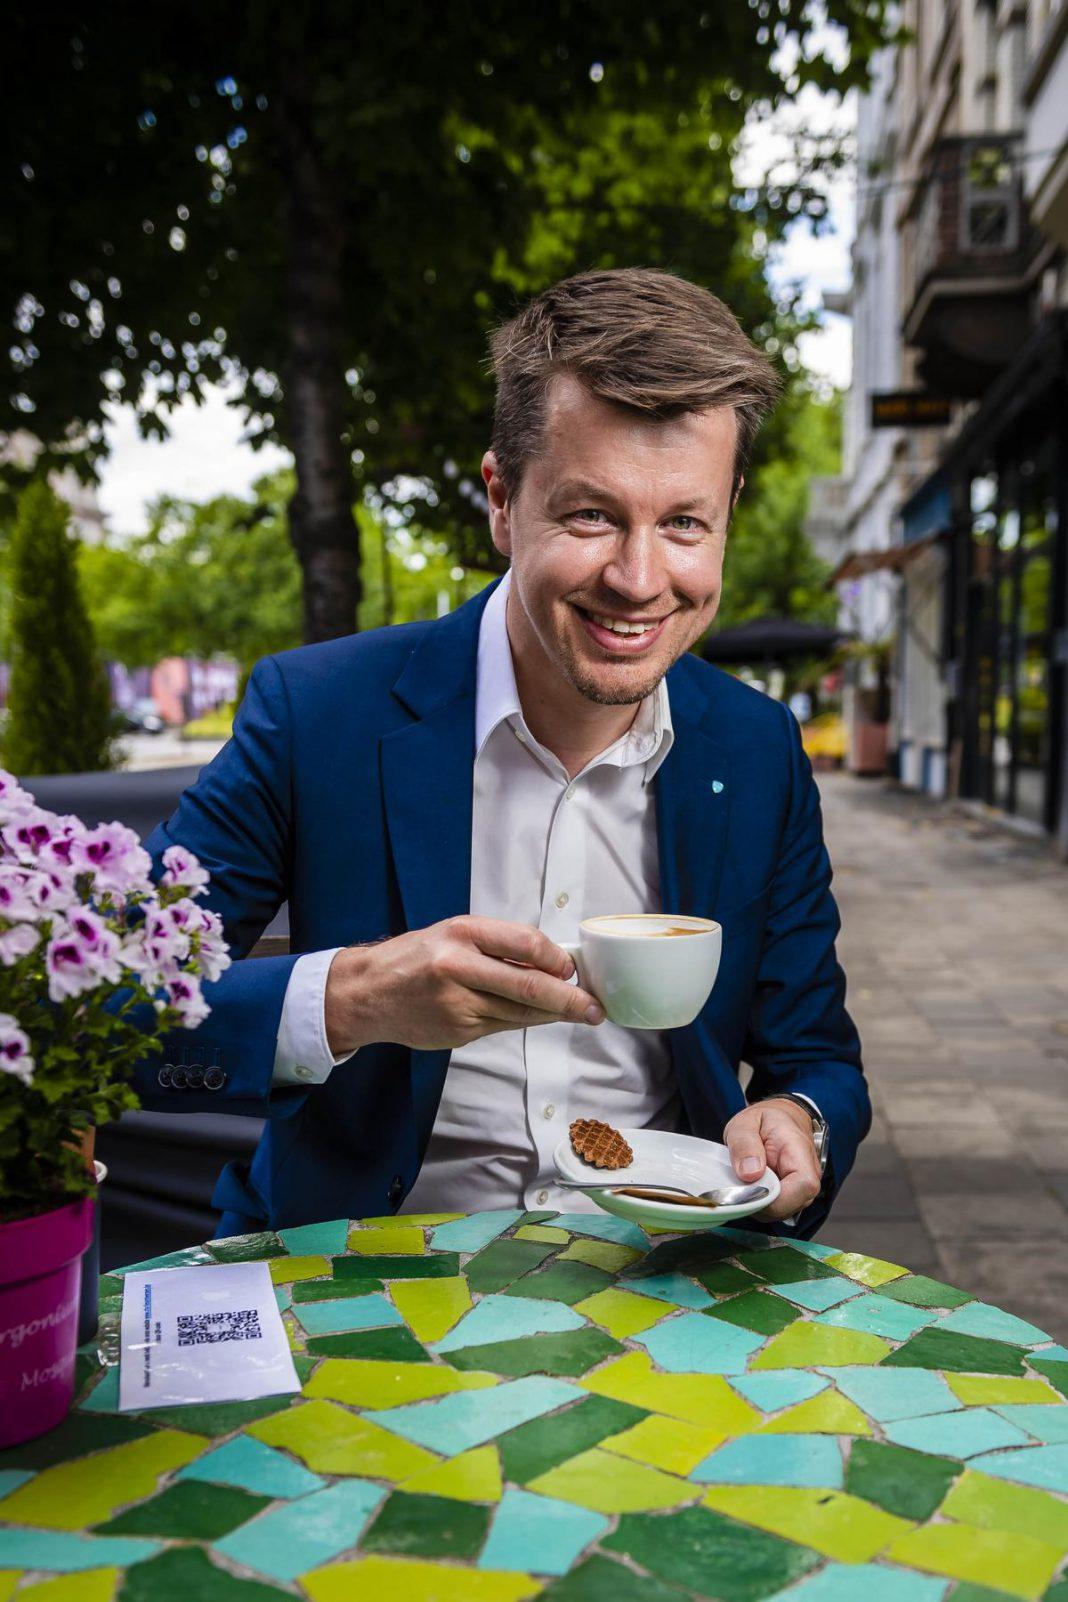 """Matthias De Caluwe: """"Als je werkt vanuit je hart en je bent bereid om door te zetten, dan kan je heel veel bereiken."""" (foto PhotoNews)©Gregory Van Gansen Photo News"""